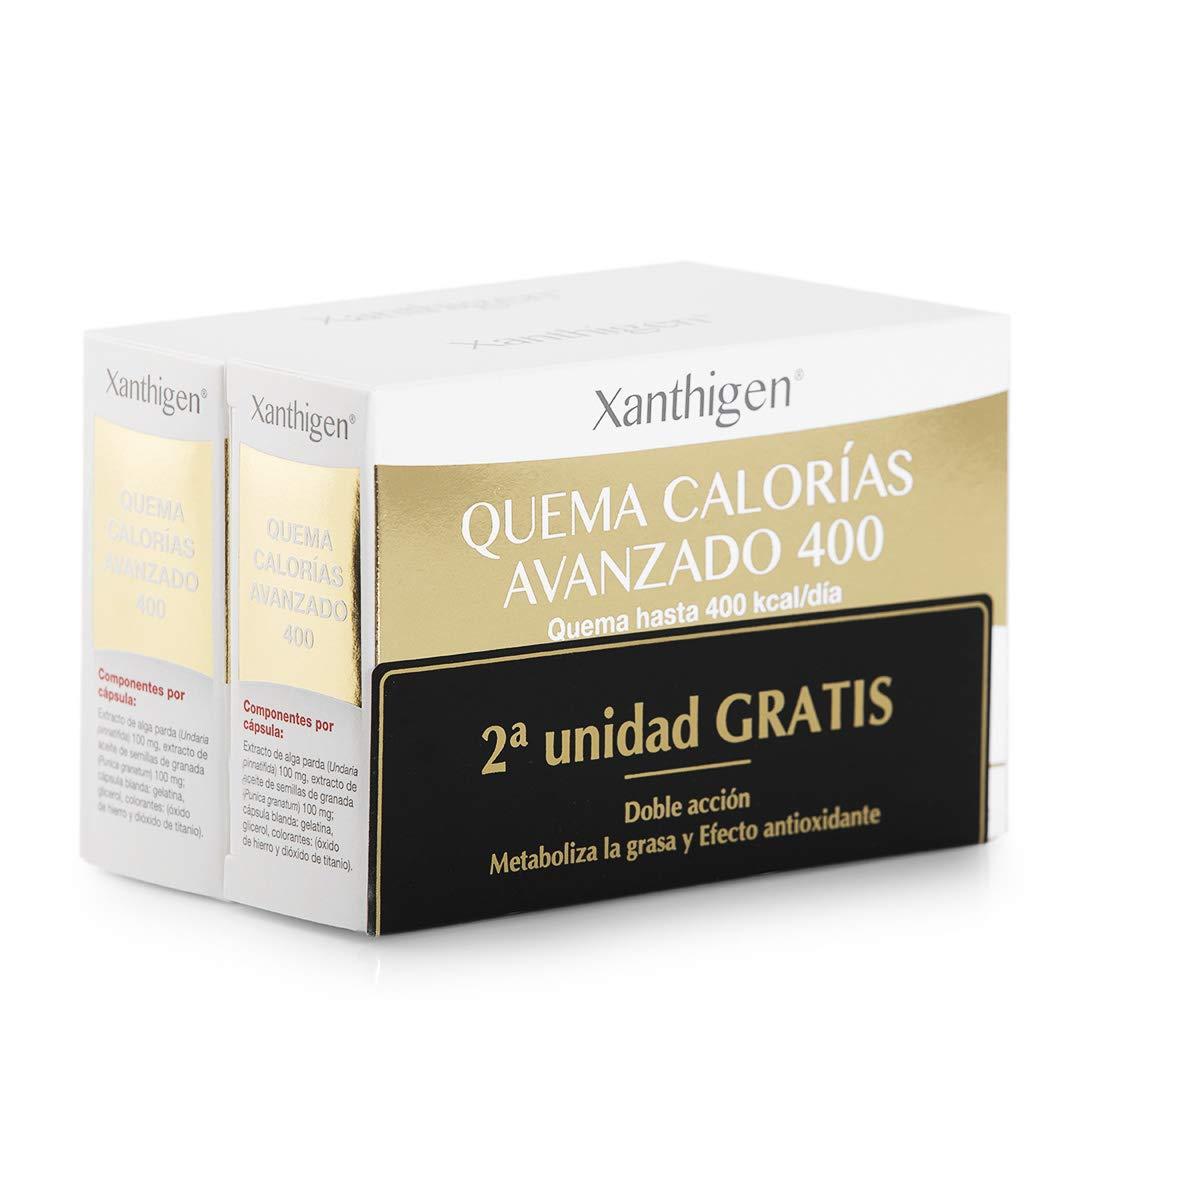 XL-S Medical Xanthigen Quema Calorías Avanzado 400, Quema 400 Kilocalorías al Día, Cápsulas Adelgazantes con Efecto Antioxidante - Pack 2 x 90 ...